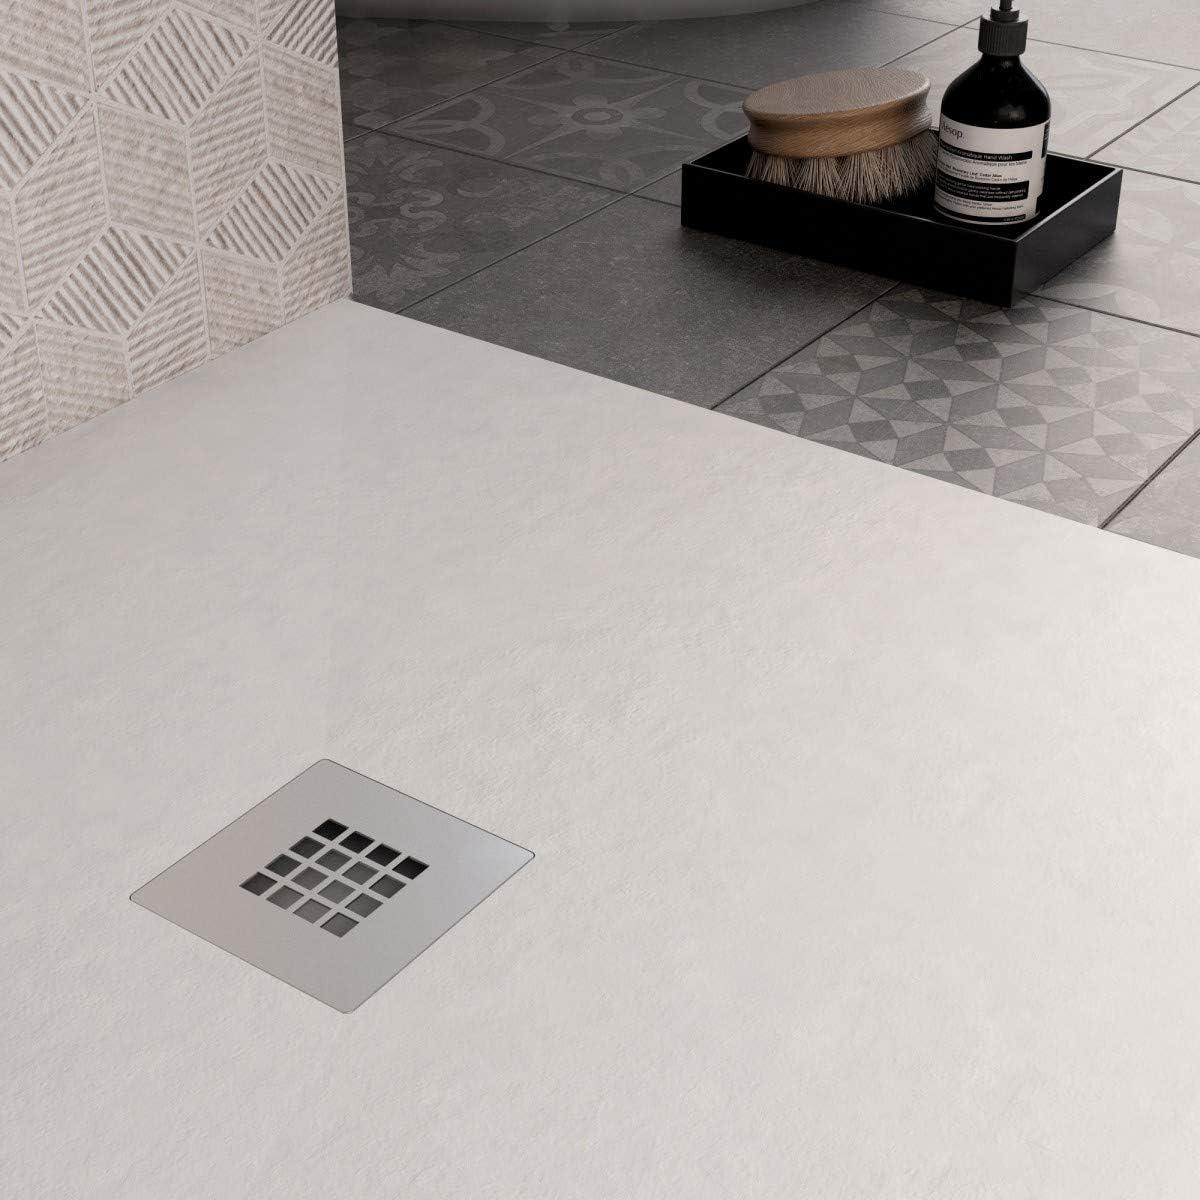 Receveur de douche blanc en marbre min/éral pierre Plus exclusive 80 x 100 cm.